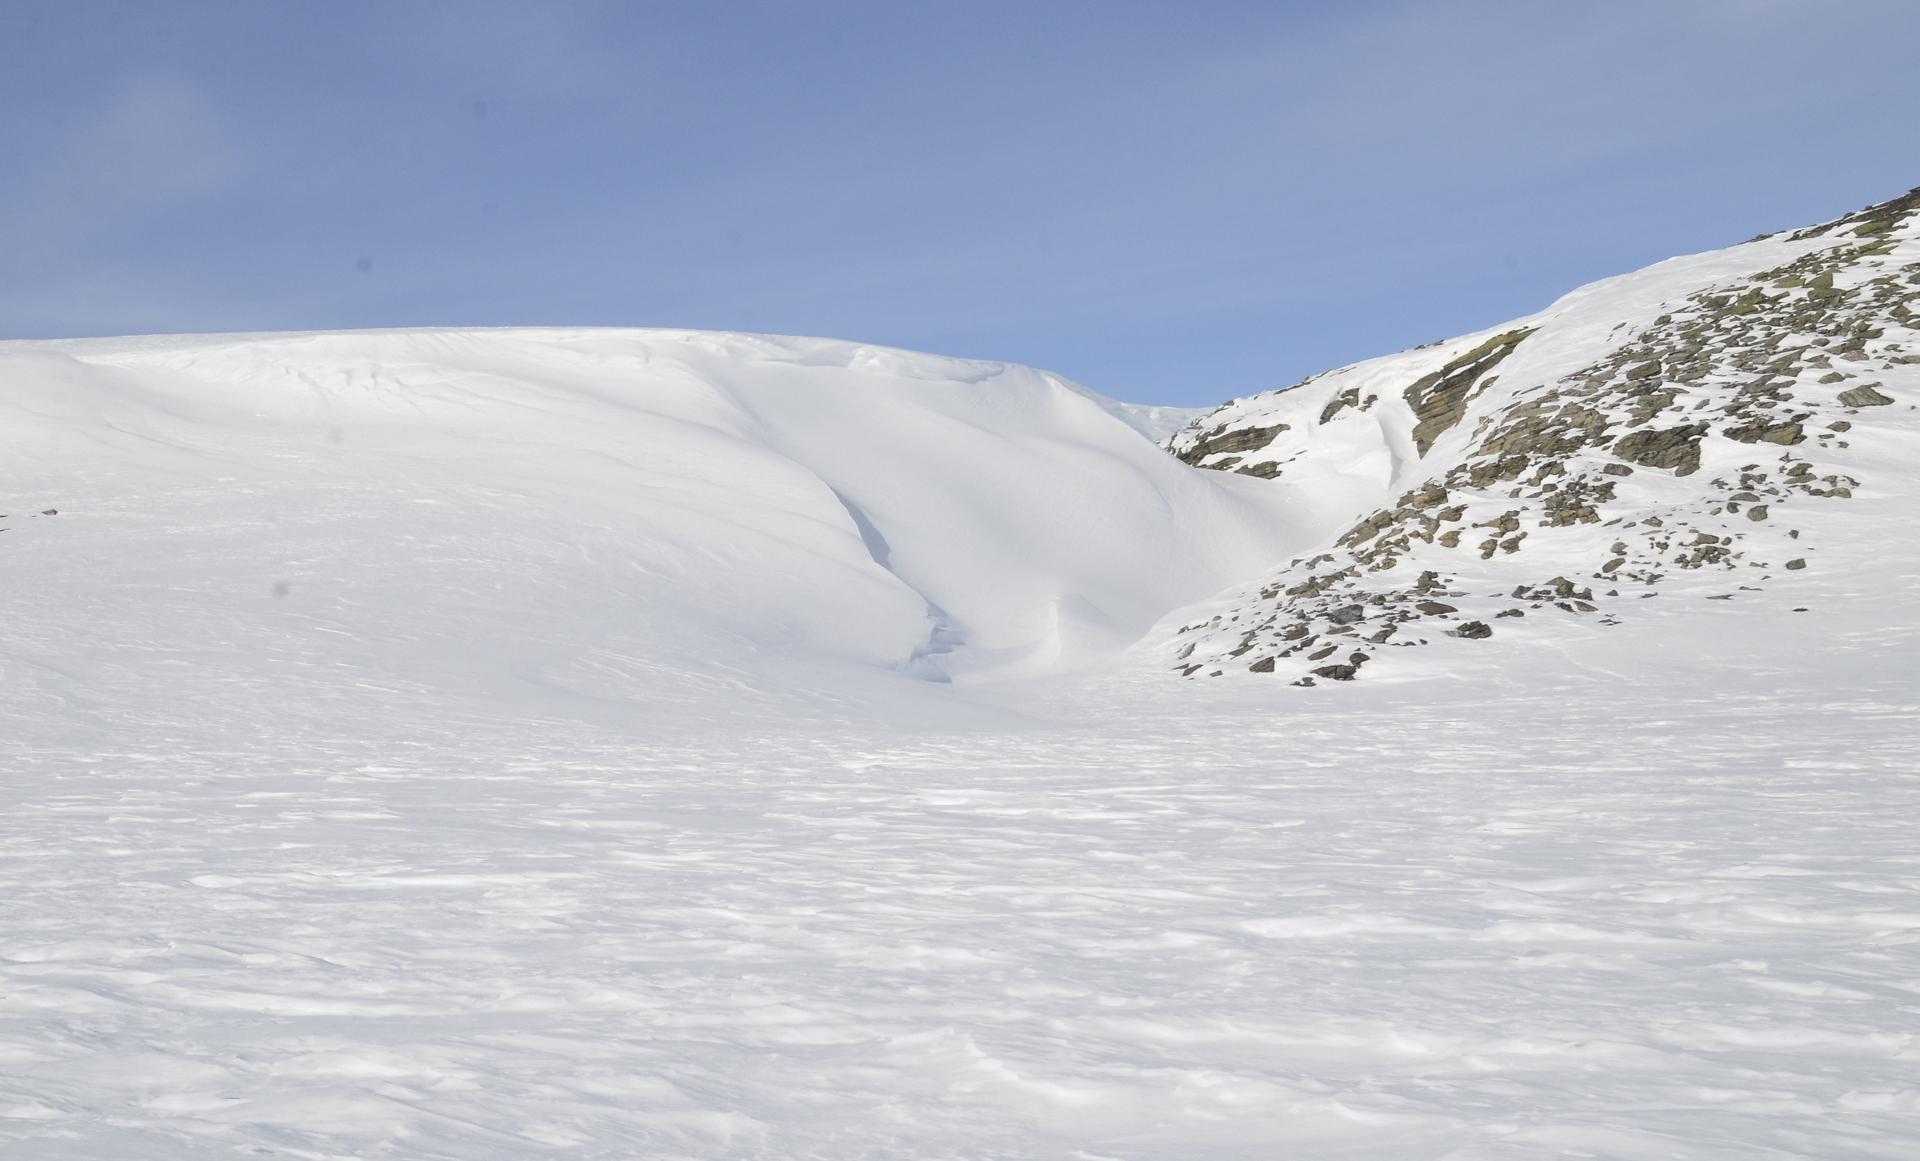 Paluumatkalla Somasjärveltä kytkettiin trike hinaukseen ja palattiin vielä onkimaan Pitsusjärvelle. Tuossa kanjonissa saattaa olla paksusti lunta:)